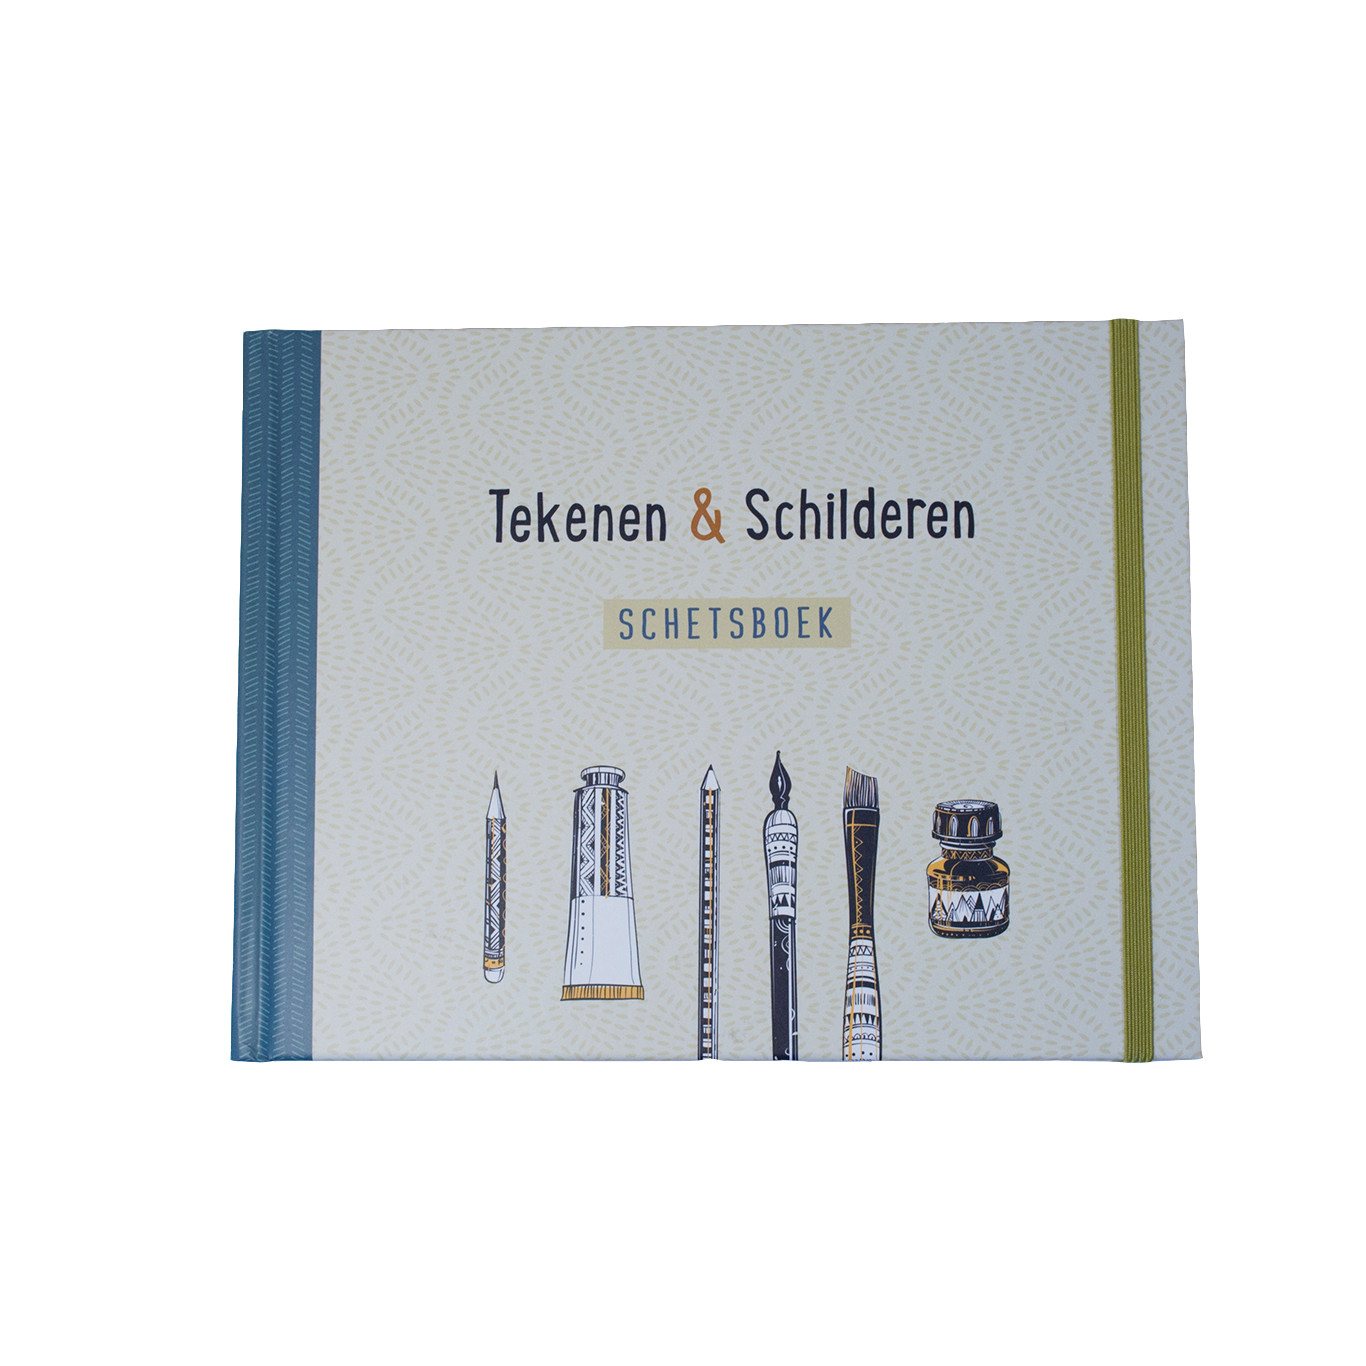 Tekenen & Schilderen Schetsboek